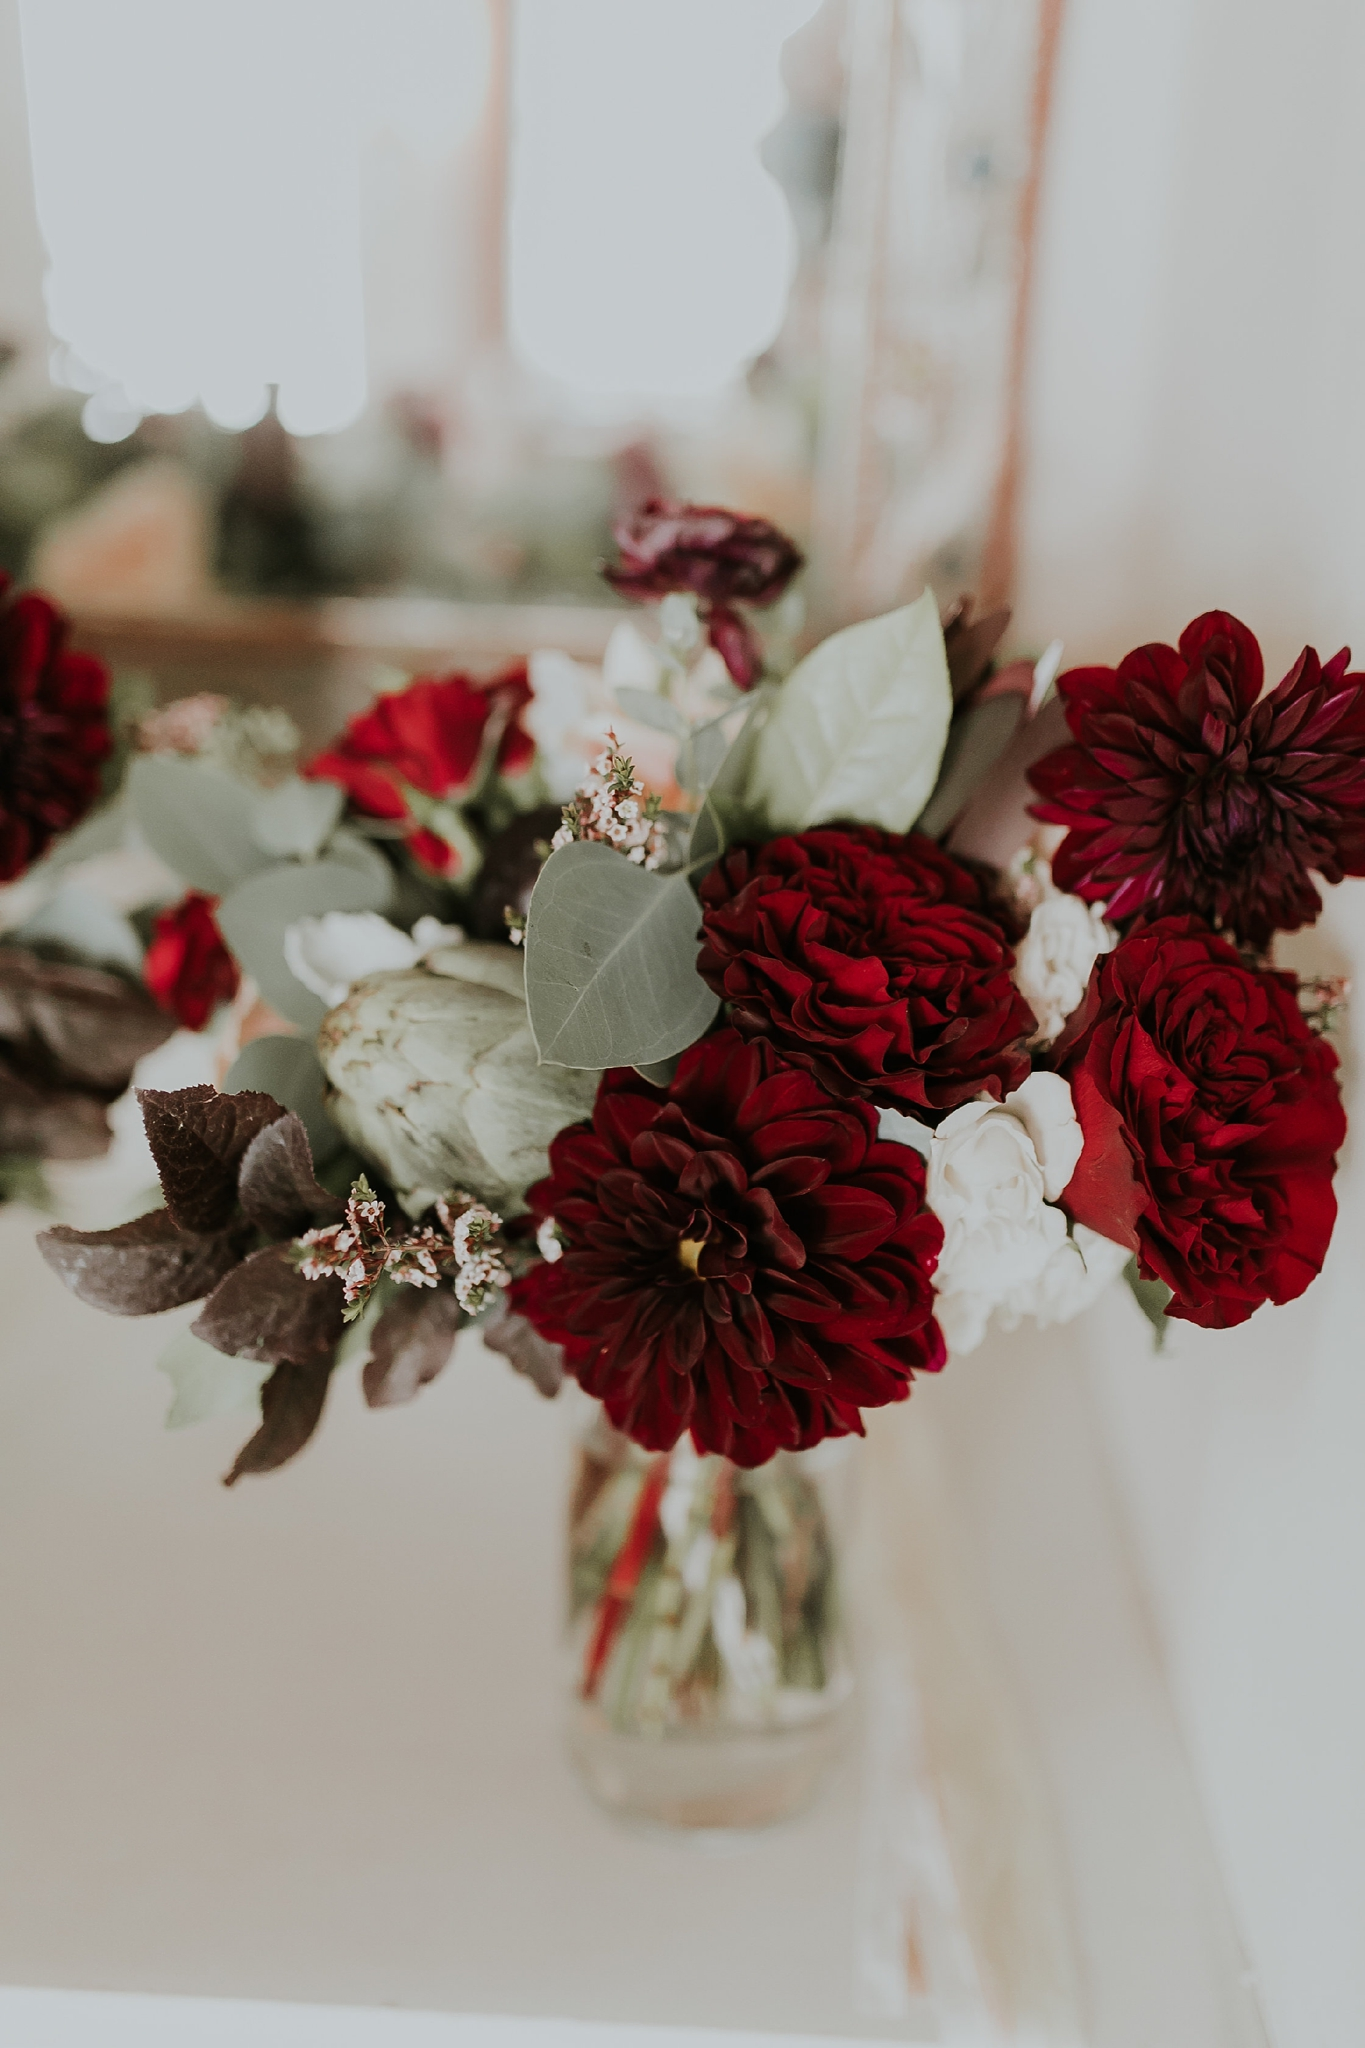 Alicia+lucia+photography+-+albuquerque+wedding+photographer+-+santa+fe+wedding+photography+-+new+mexico+wedding+photographer+-+new+mexico+wedding+-+new+mexico+florist+-+floriography+flowers+-+floriography+flowers+new+mexico+-+wedding+florist_0086.jpg